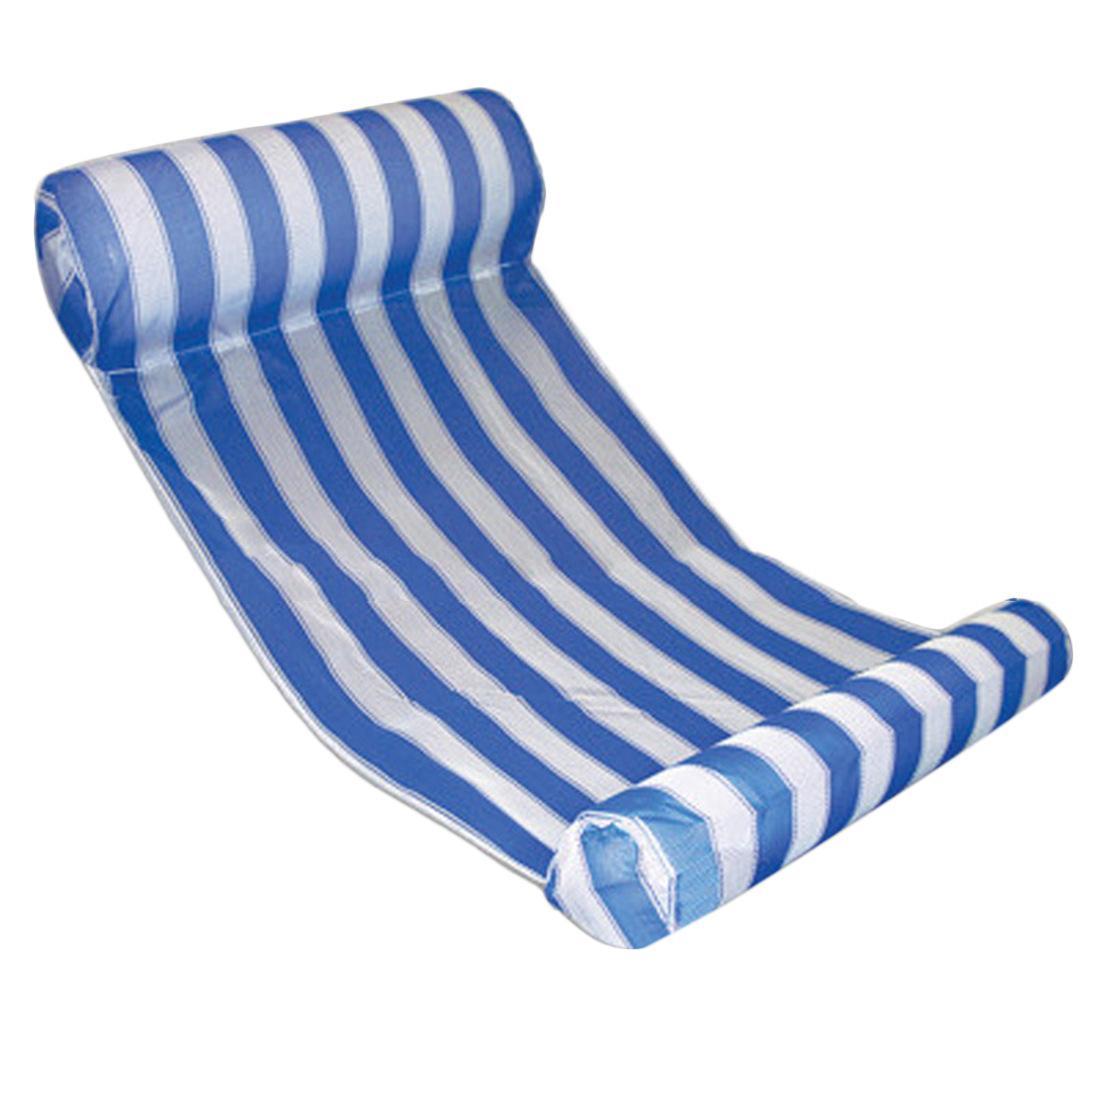 Moda nuova estate Piscina gonfiabile Galleggiante Nuoto Letto galleggiante Amaca Acqua Ricreazione Stuoia da spiaggia Materasso Salotto Letto Poltrona da piscina